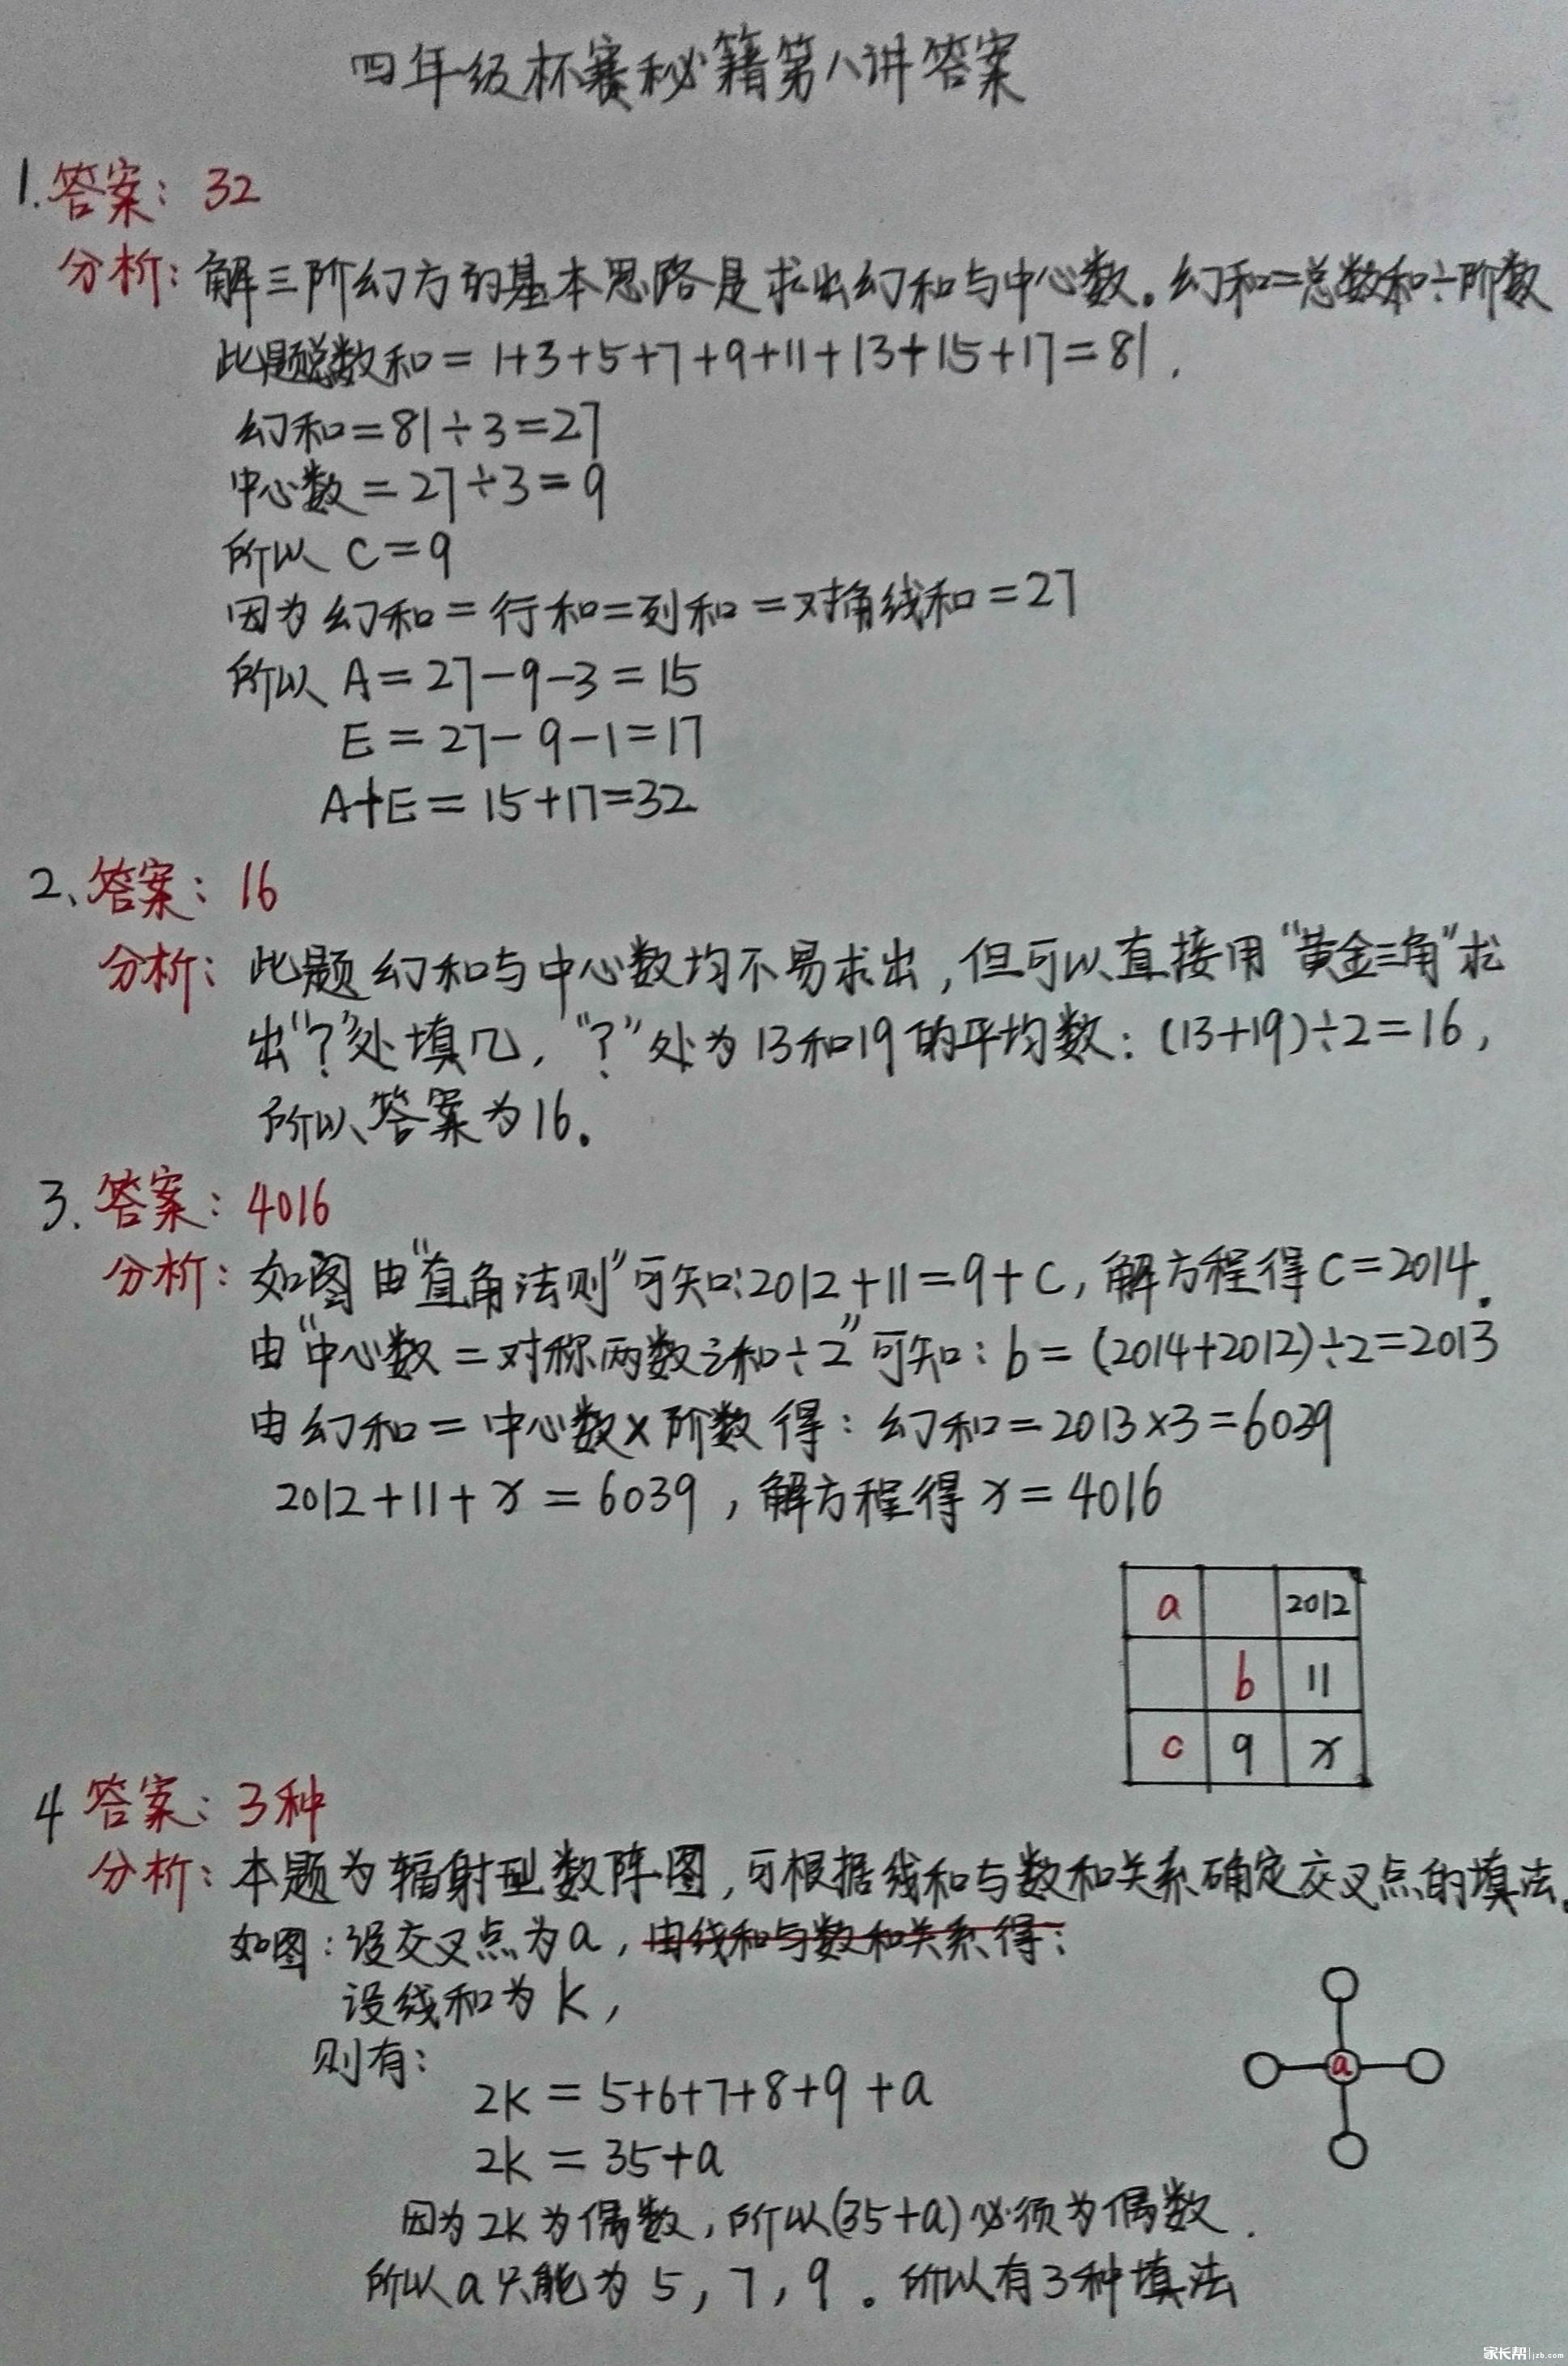 答案1_meitu_1.jpg